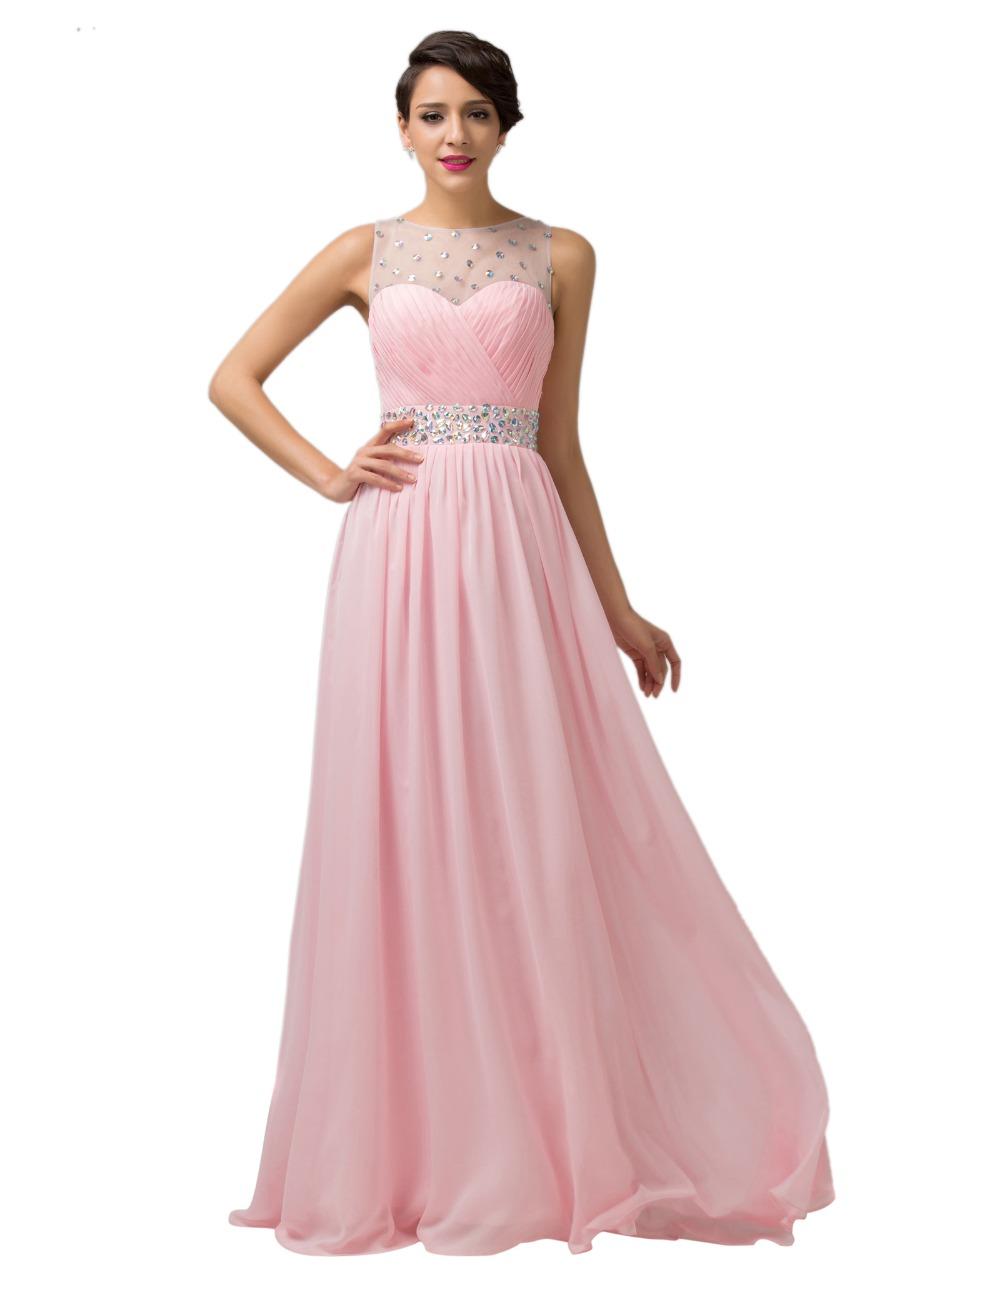 Prom dress kg to lbs